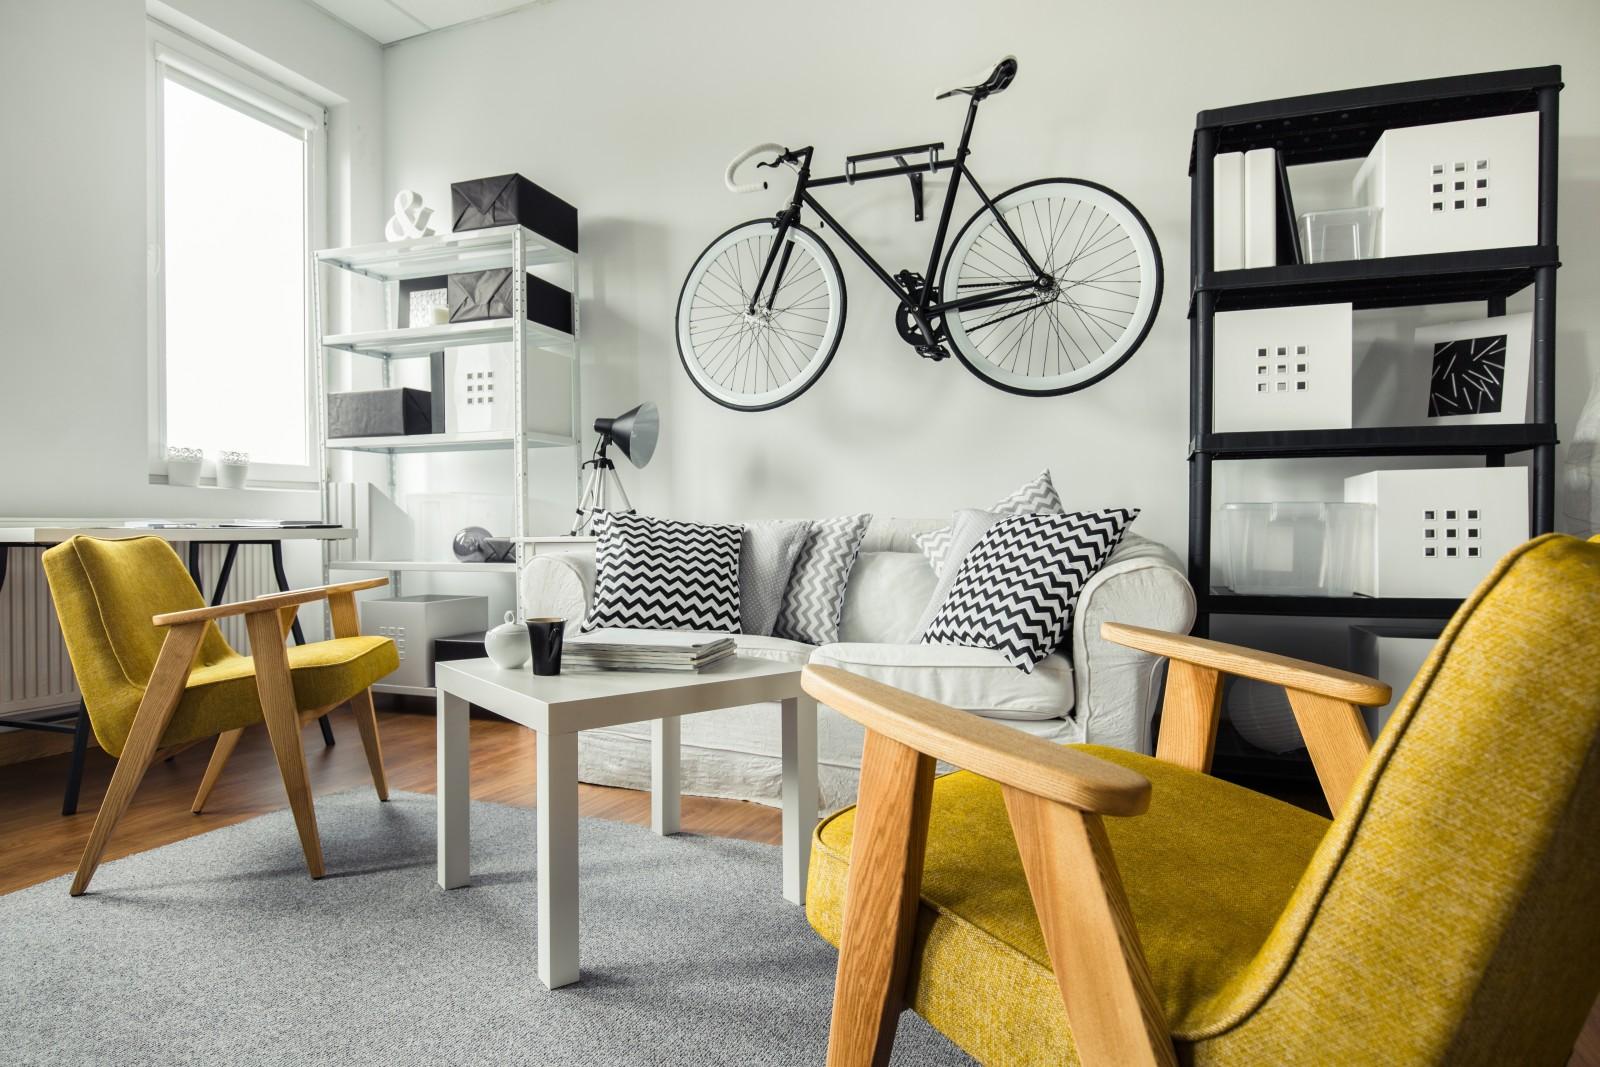 2019美国房产资讯--3个设计技巧,让您的小空间变大